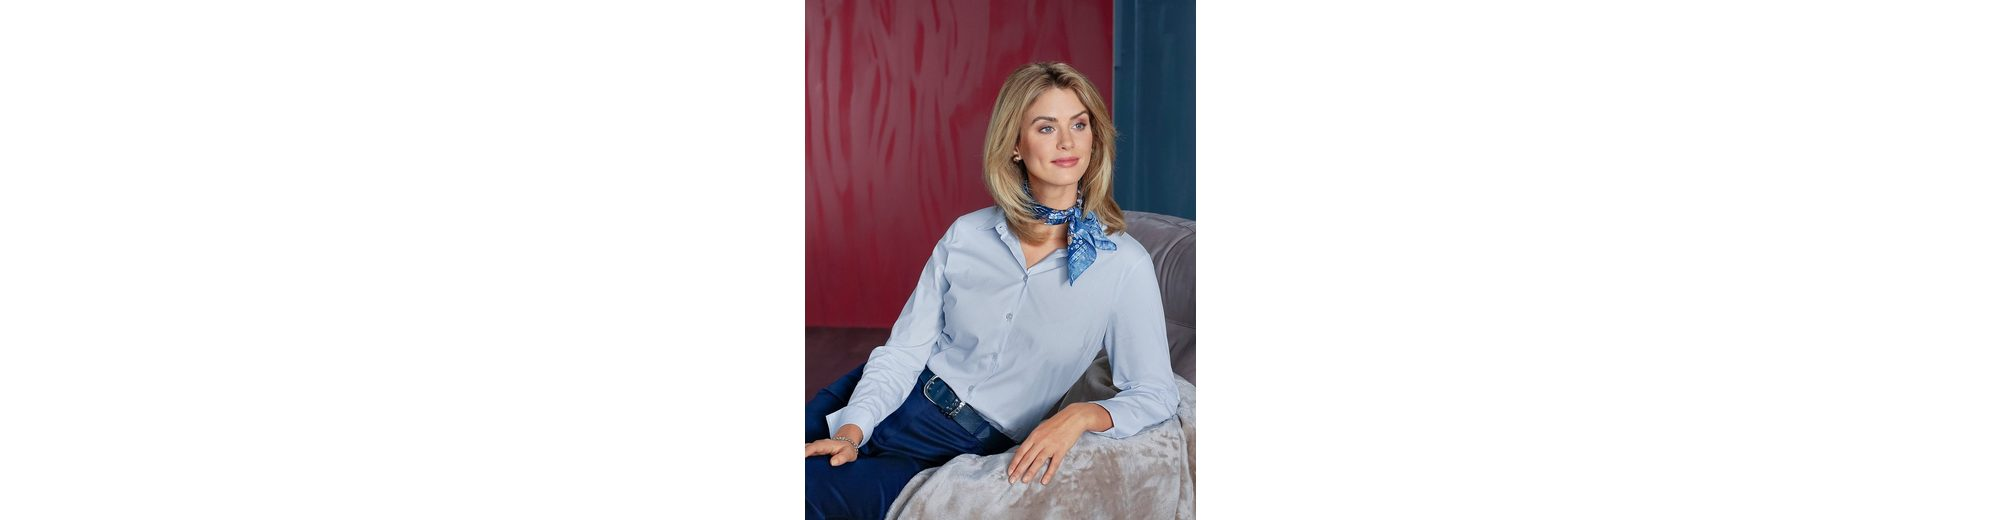 Neuesten Kollektionen Günstig Online Rabatt-Websites Mona Bluse mit Baumwolle Billig Verkauf Angebote Verkauf Erschwinglich oWsqbzji